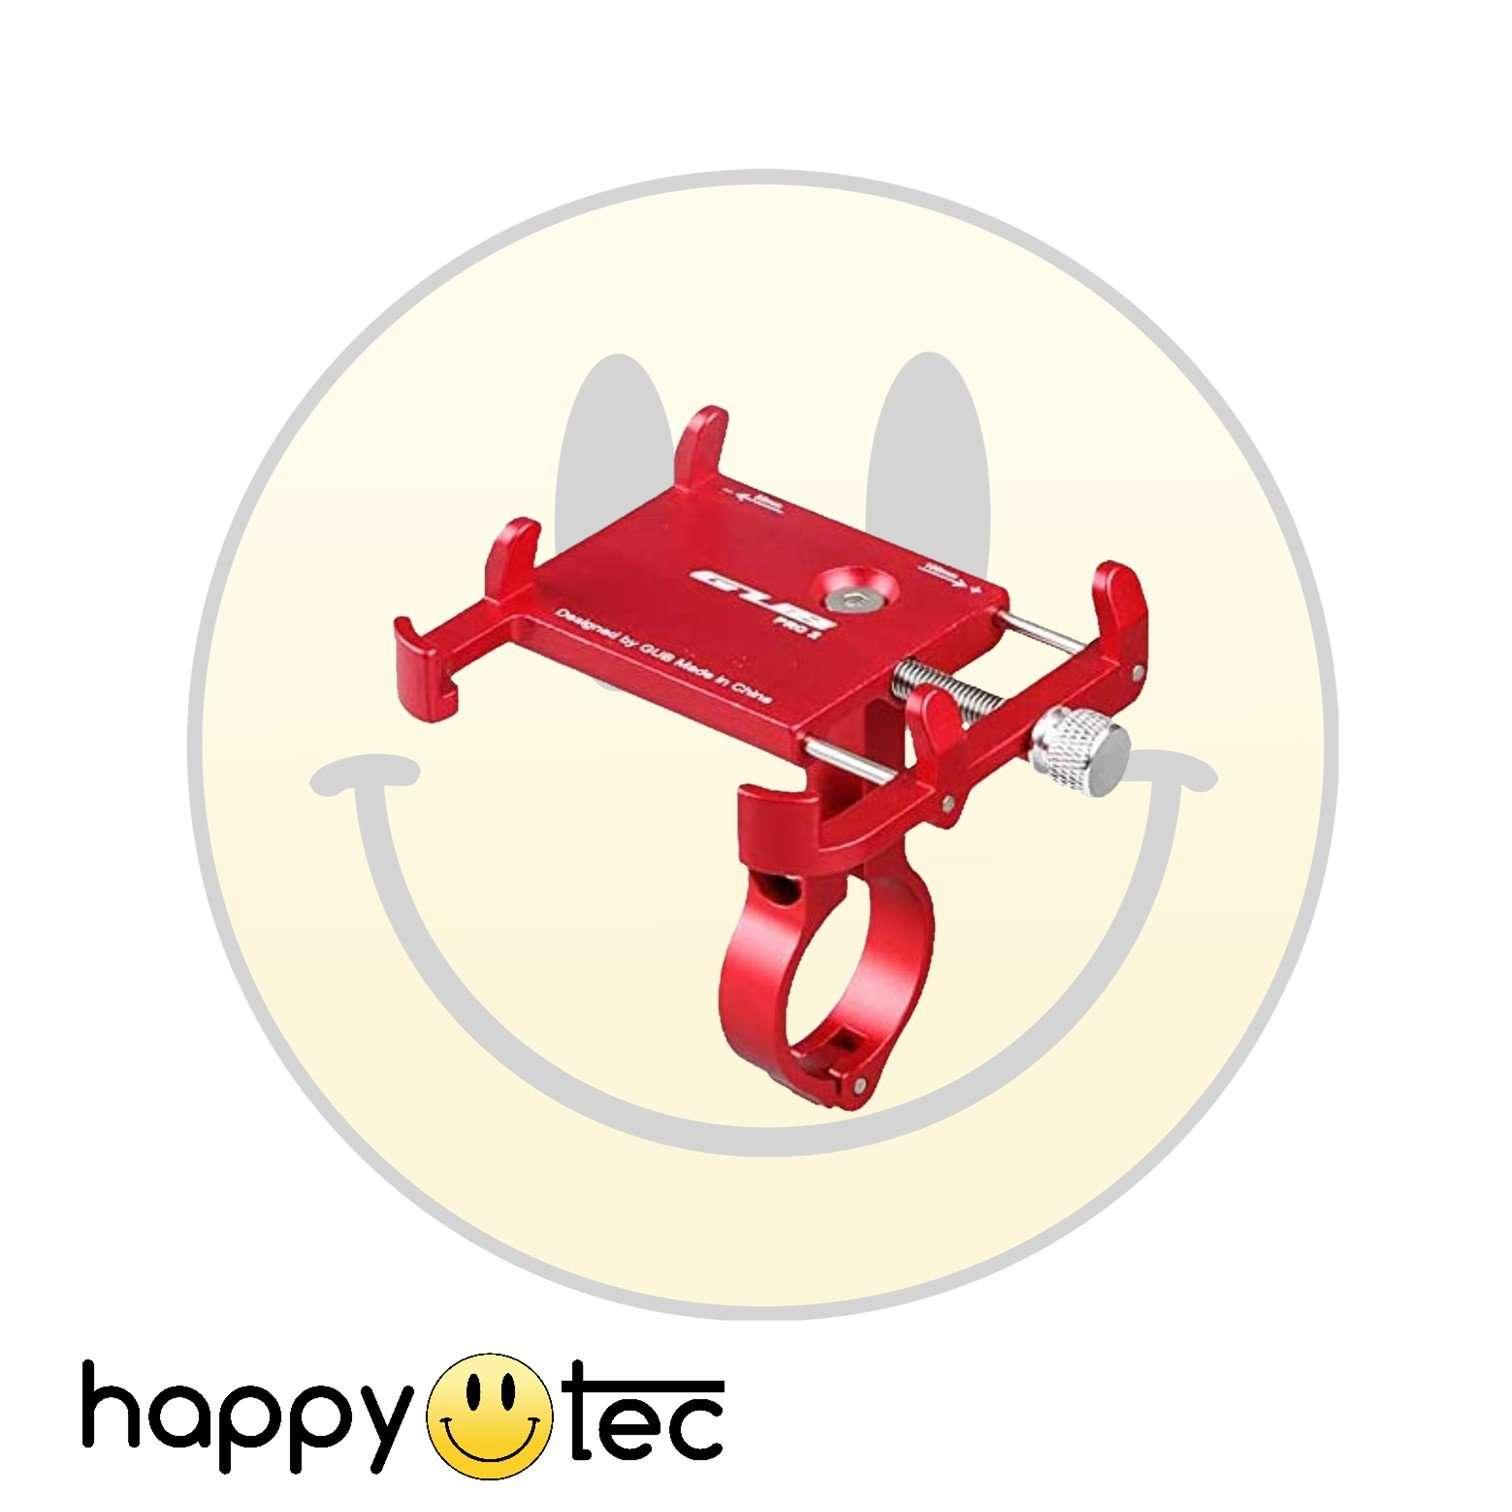 Porta cellulare in metallo rosso per manubrio monopattini elettrici (Mod. GUB)